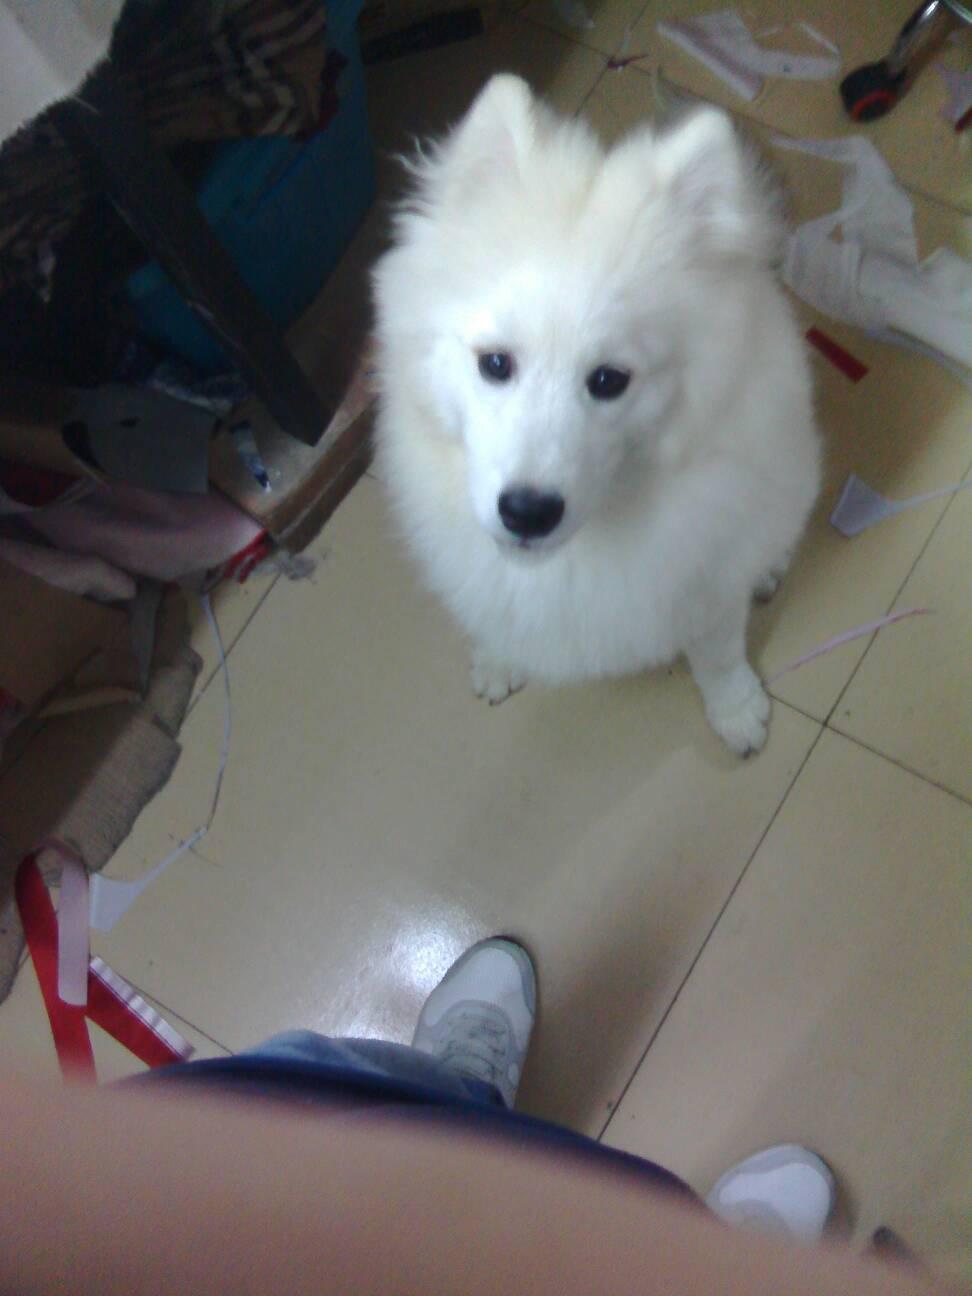 长脸狗_体型大,全身白色,长毛,长脸,是什么品种的狗?_百度知道